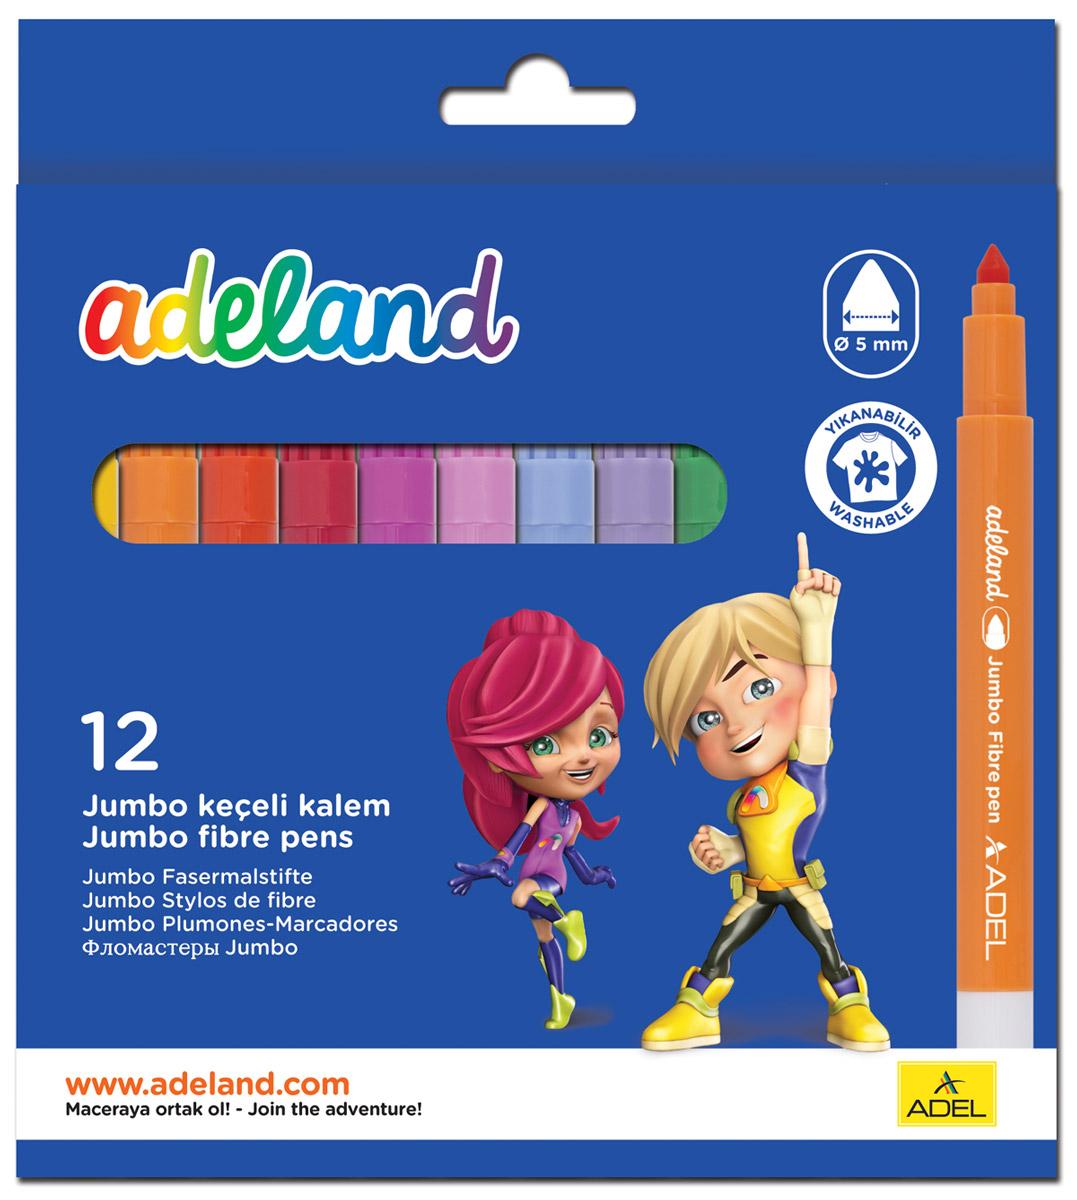 Adel Набор цветных фломастеров Adeland Jumbo 12 шт434-0214-100Цветные фломастеры Adel Adeland созданы специально для детей, любящих рисовать. Каждый фломастероснащен вентилируемым колпачком и заправлен быстро сохнущими чернилами, которые легко смываются сомногих текстильных материалов. Они прекрасно подходят для рисования, письма или раскрашивания на бумагеили картоне. Набор состоит из 12 фломастеров. Коробка оформлена изображением героев Adelia и Hiro из турецкого мультфильма Renk Koruyuculari.Не рекомендуется детям до 3-х лет.